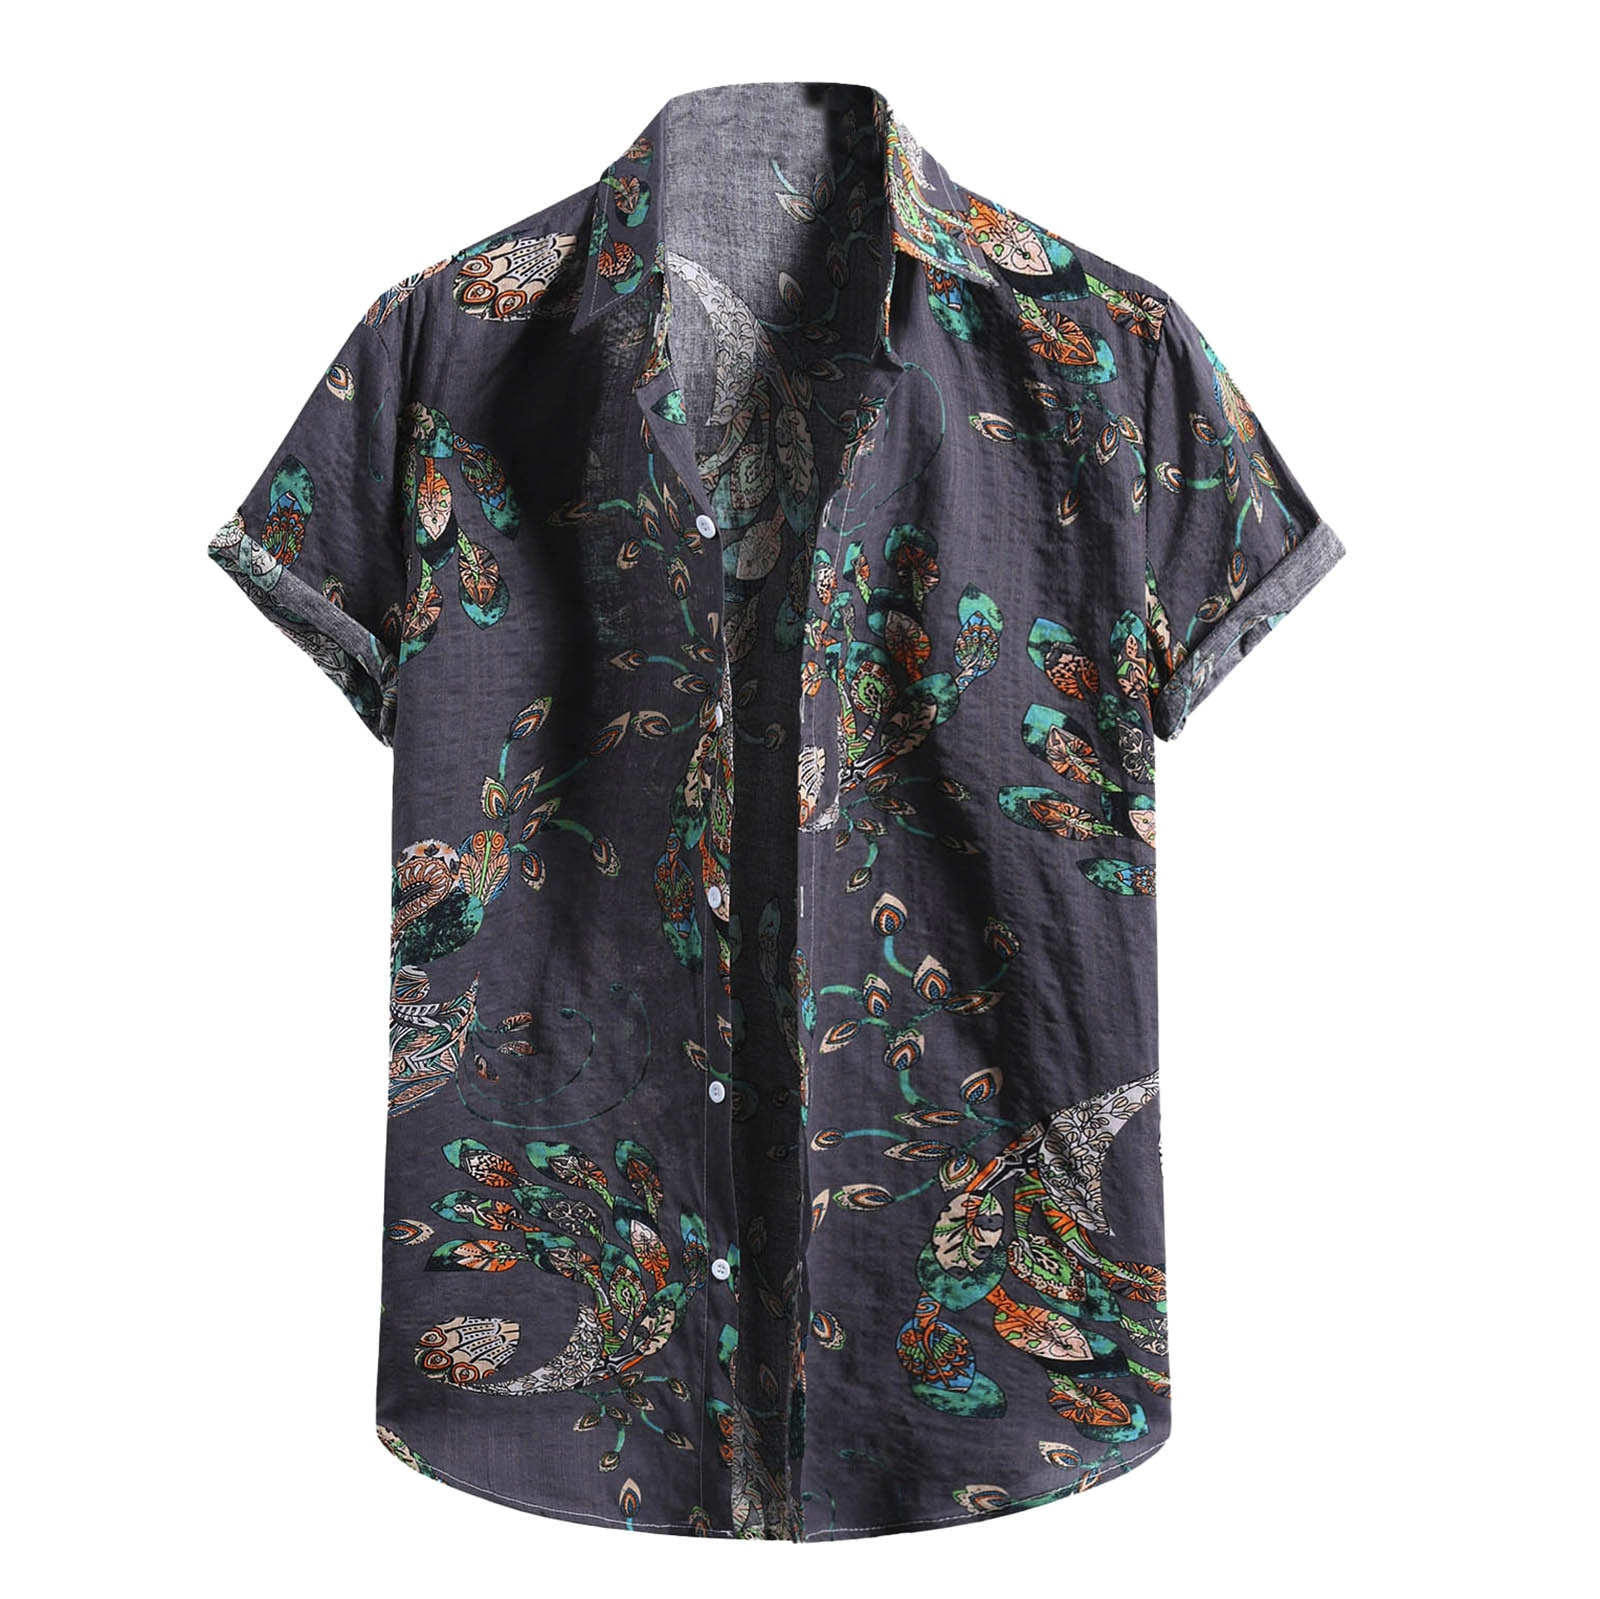 Camisa De manga corta para hombres, camisa De diseño fresco con estampado...